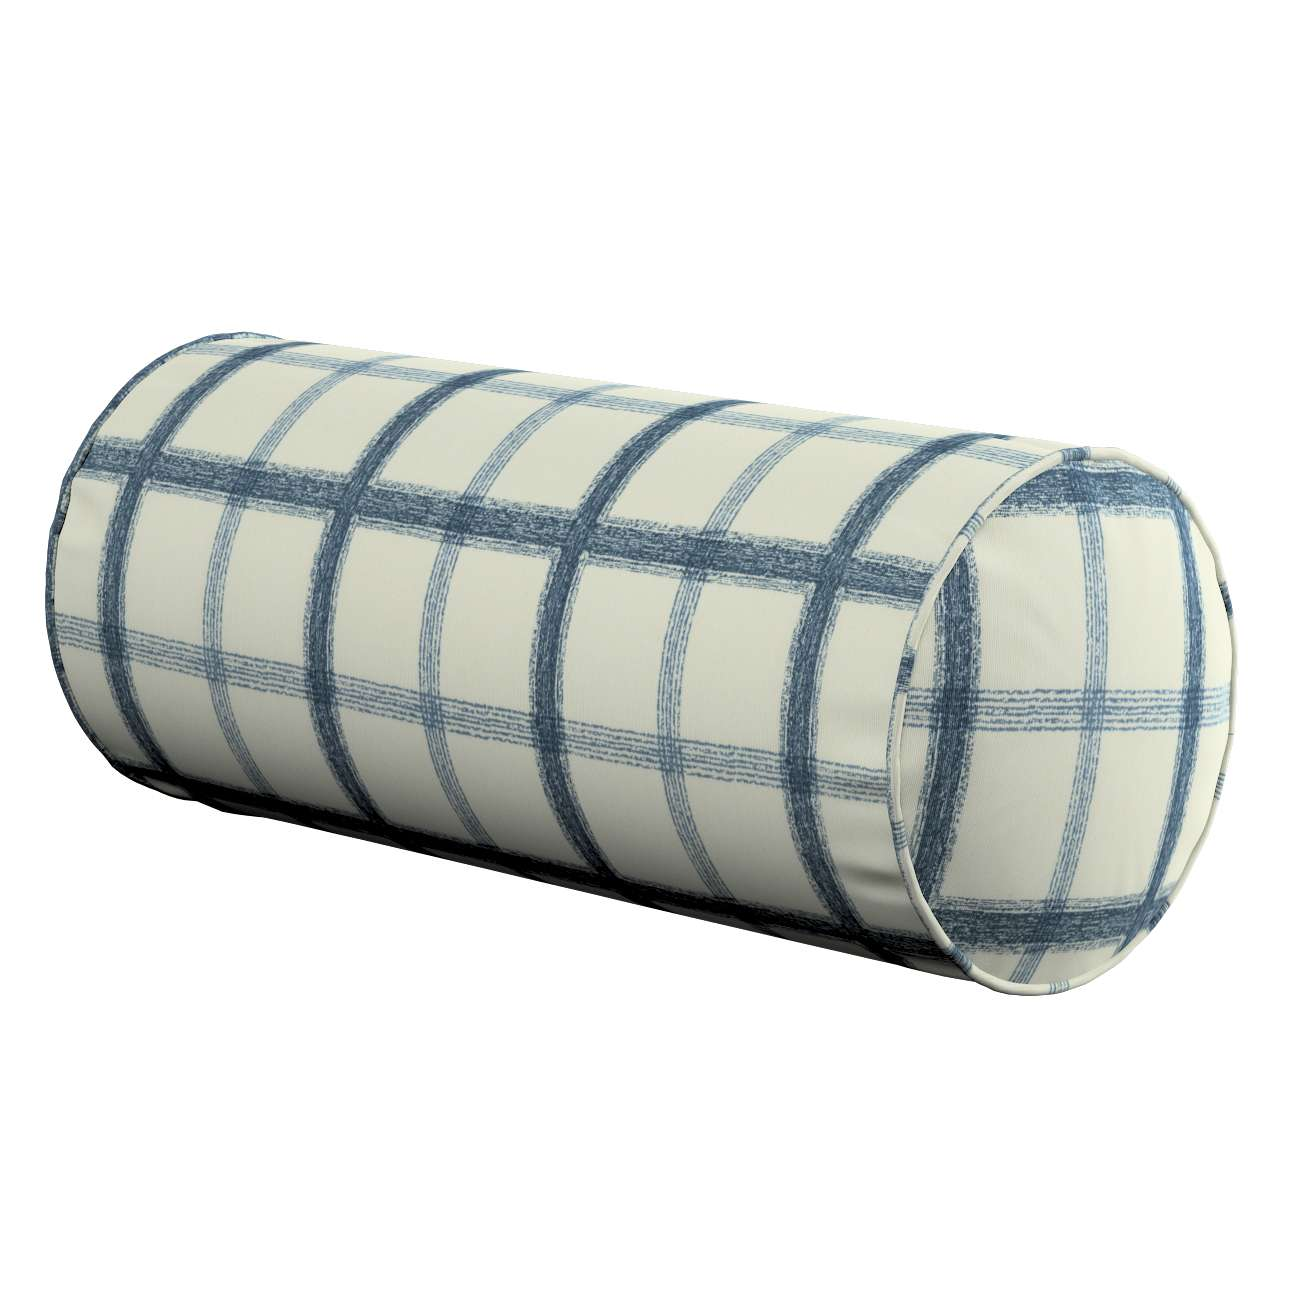 Poduszka wałek prosty Ø 16 x 40 cm w kolekcji Avinon, tkanina: 131-66